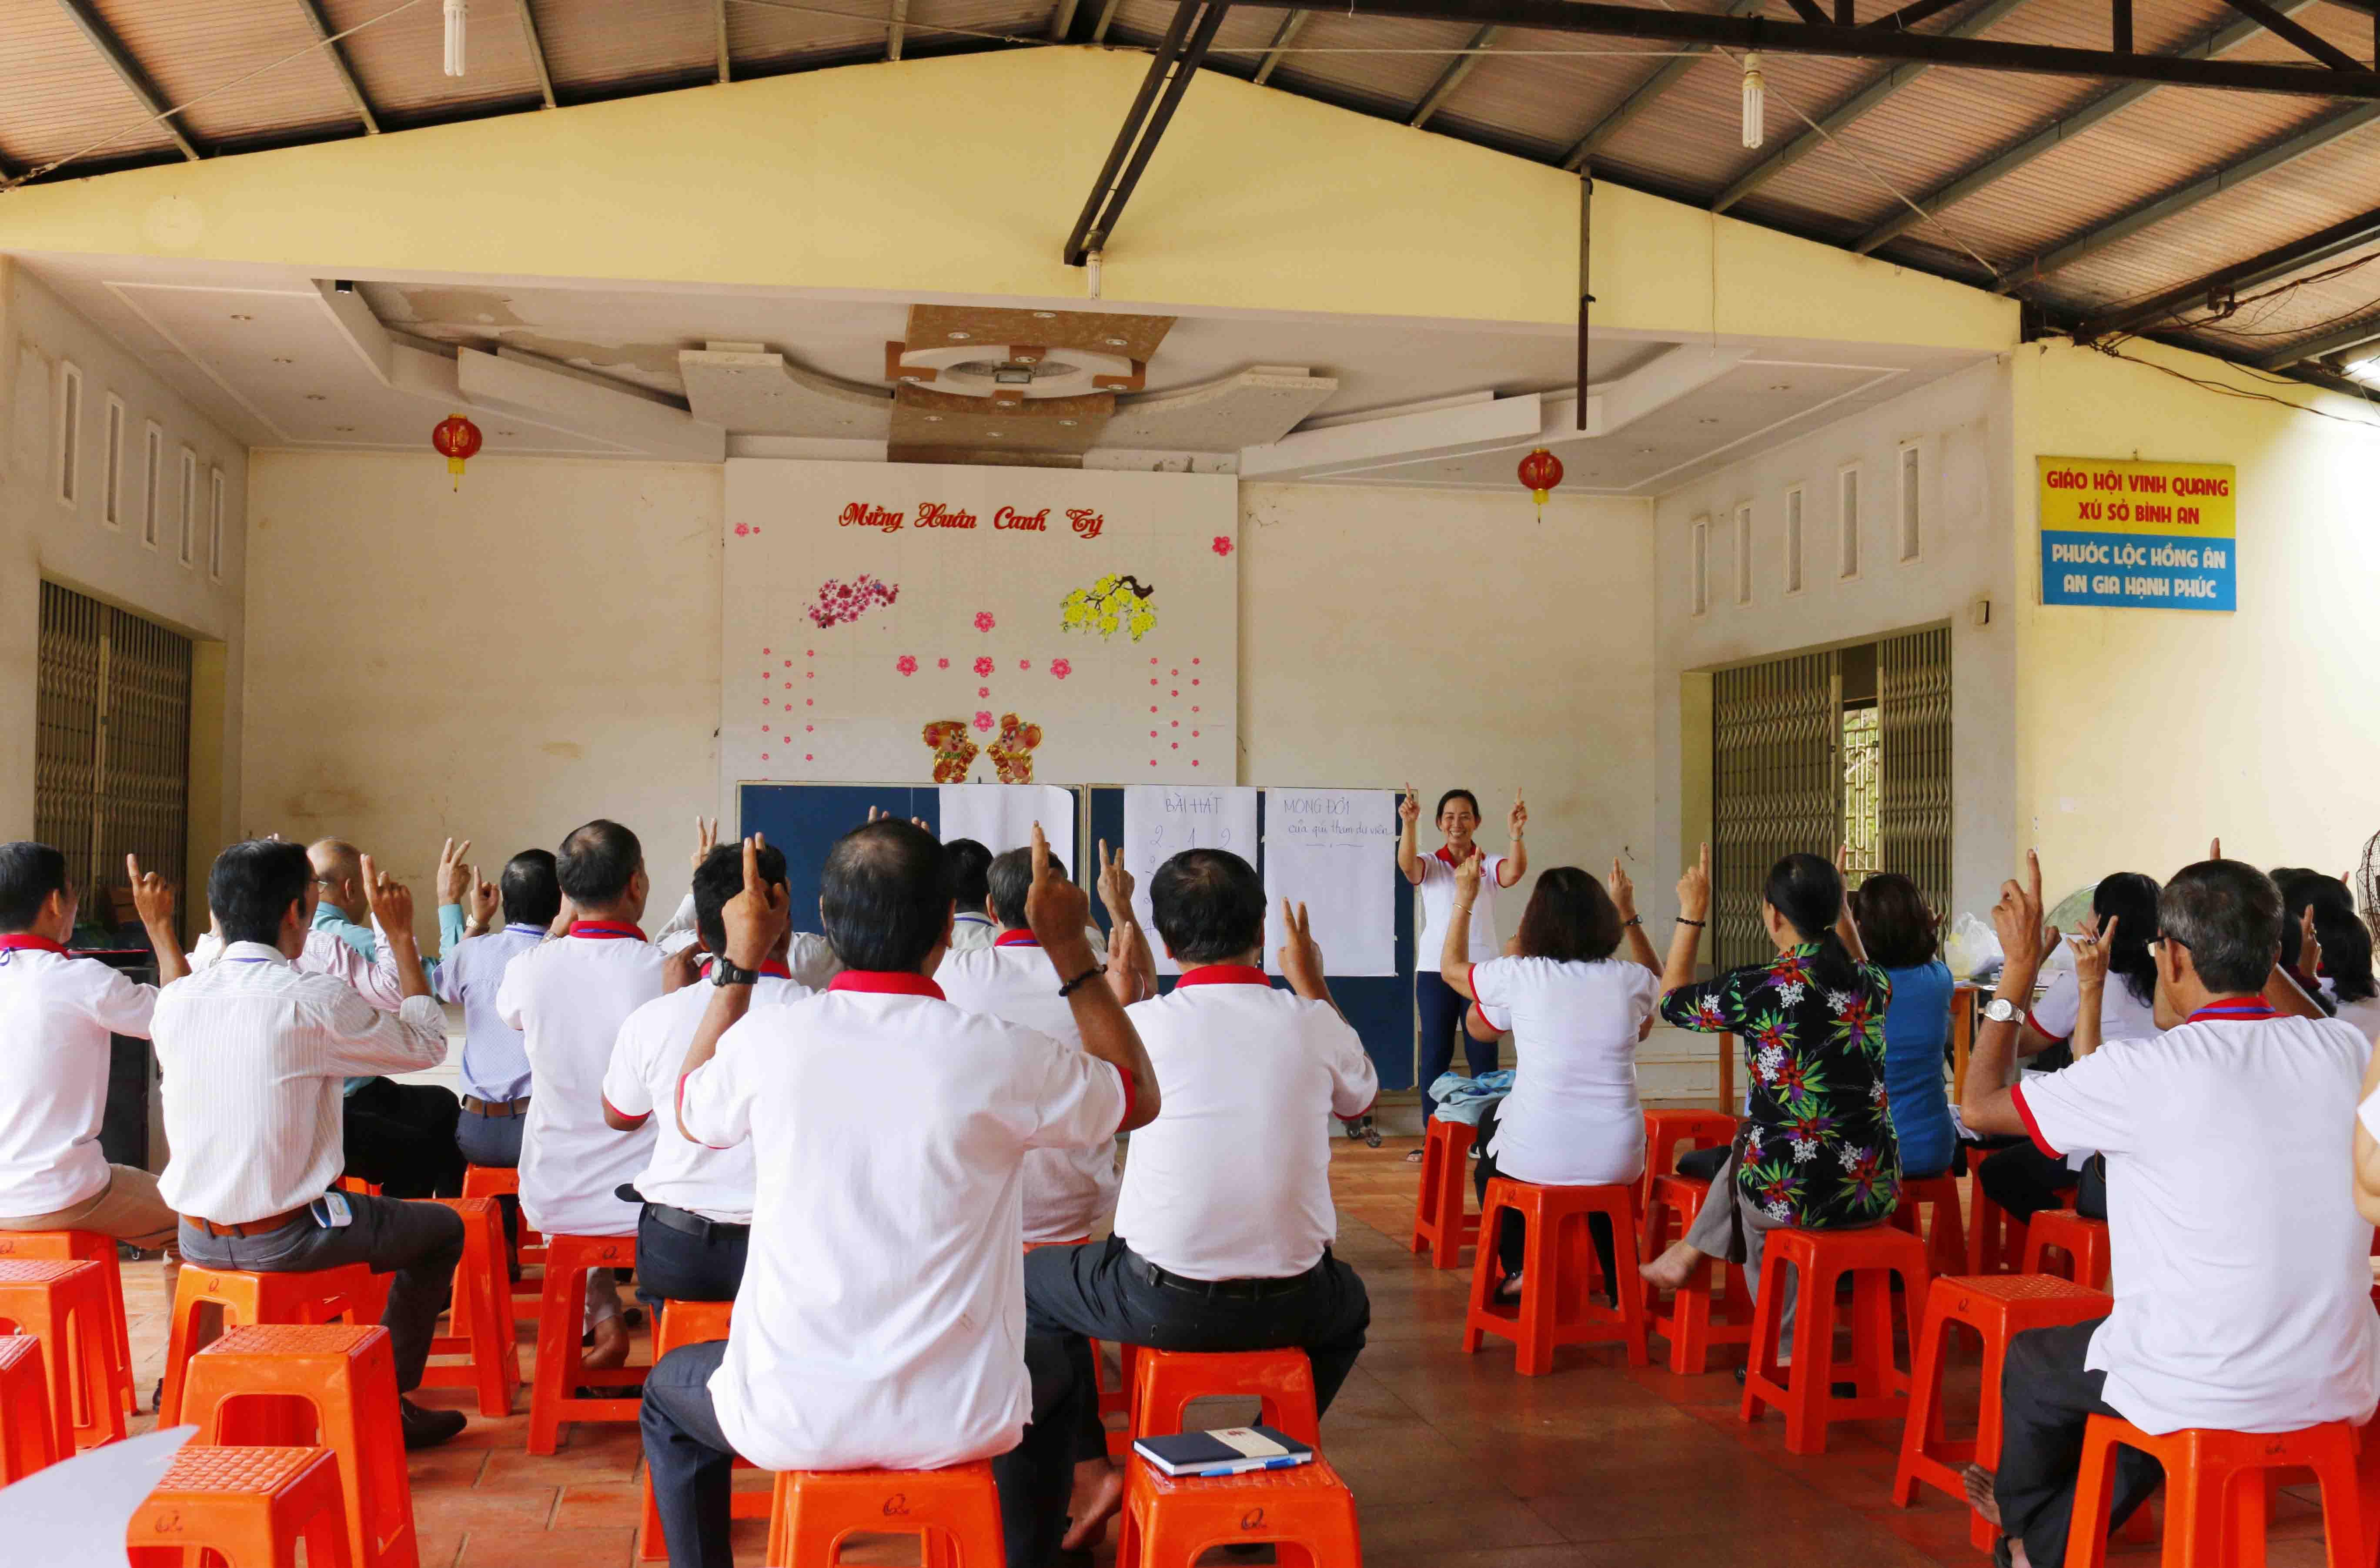 Caritas Phú Cường: Tập huấn Di Cư Hợp Pháp - Mưu Sinh An Toàn tại Giáo hạt Bình Long